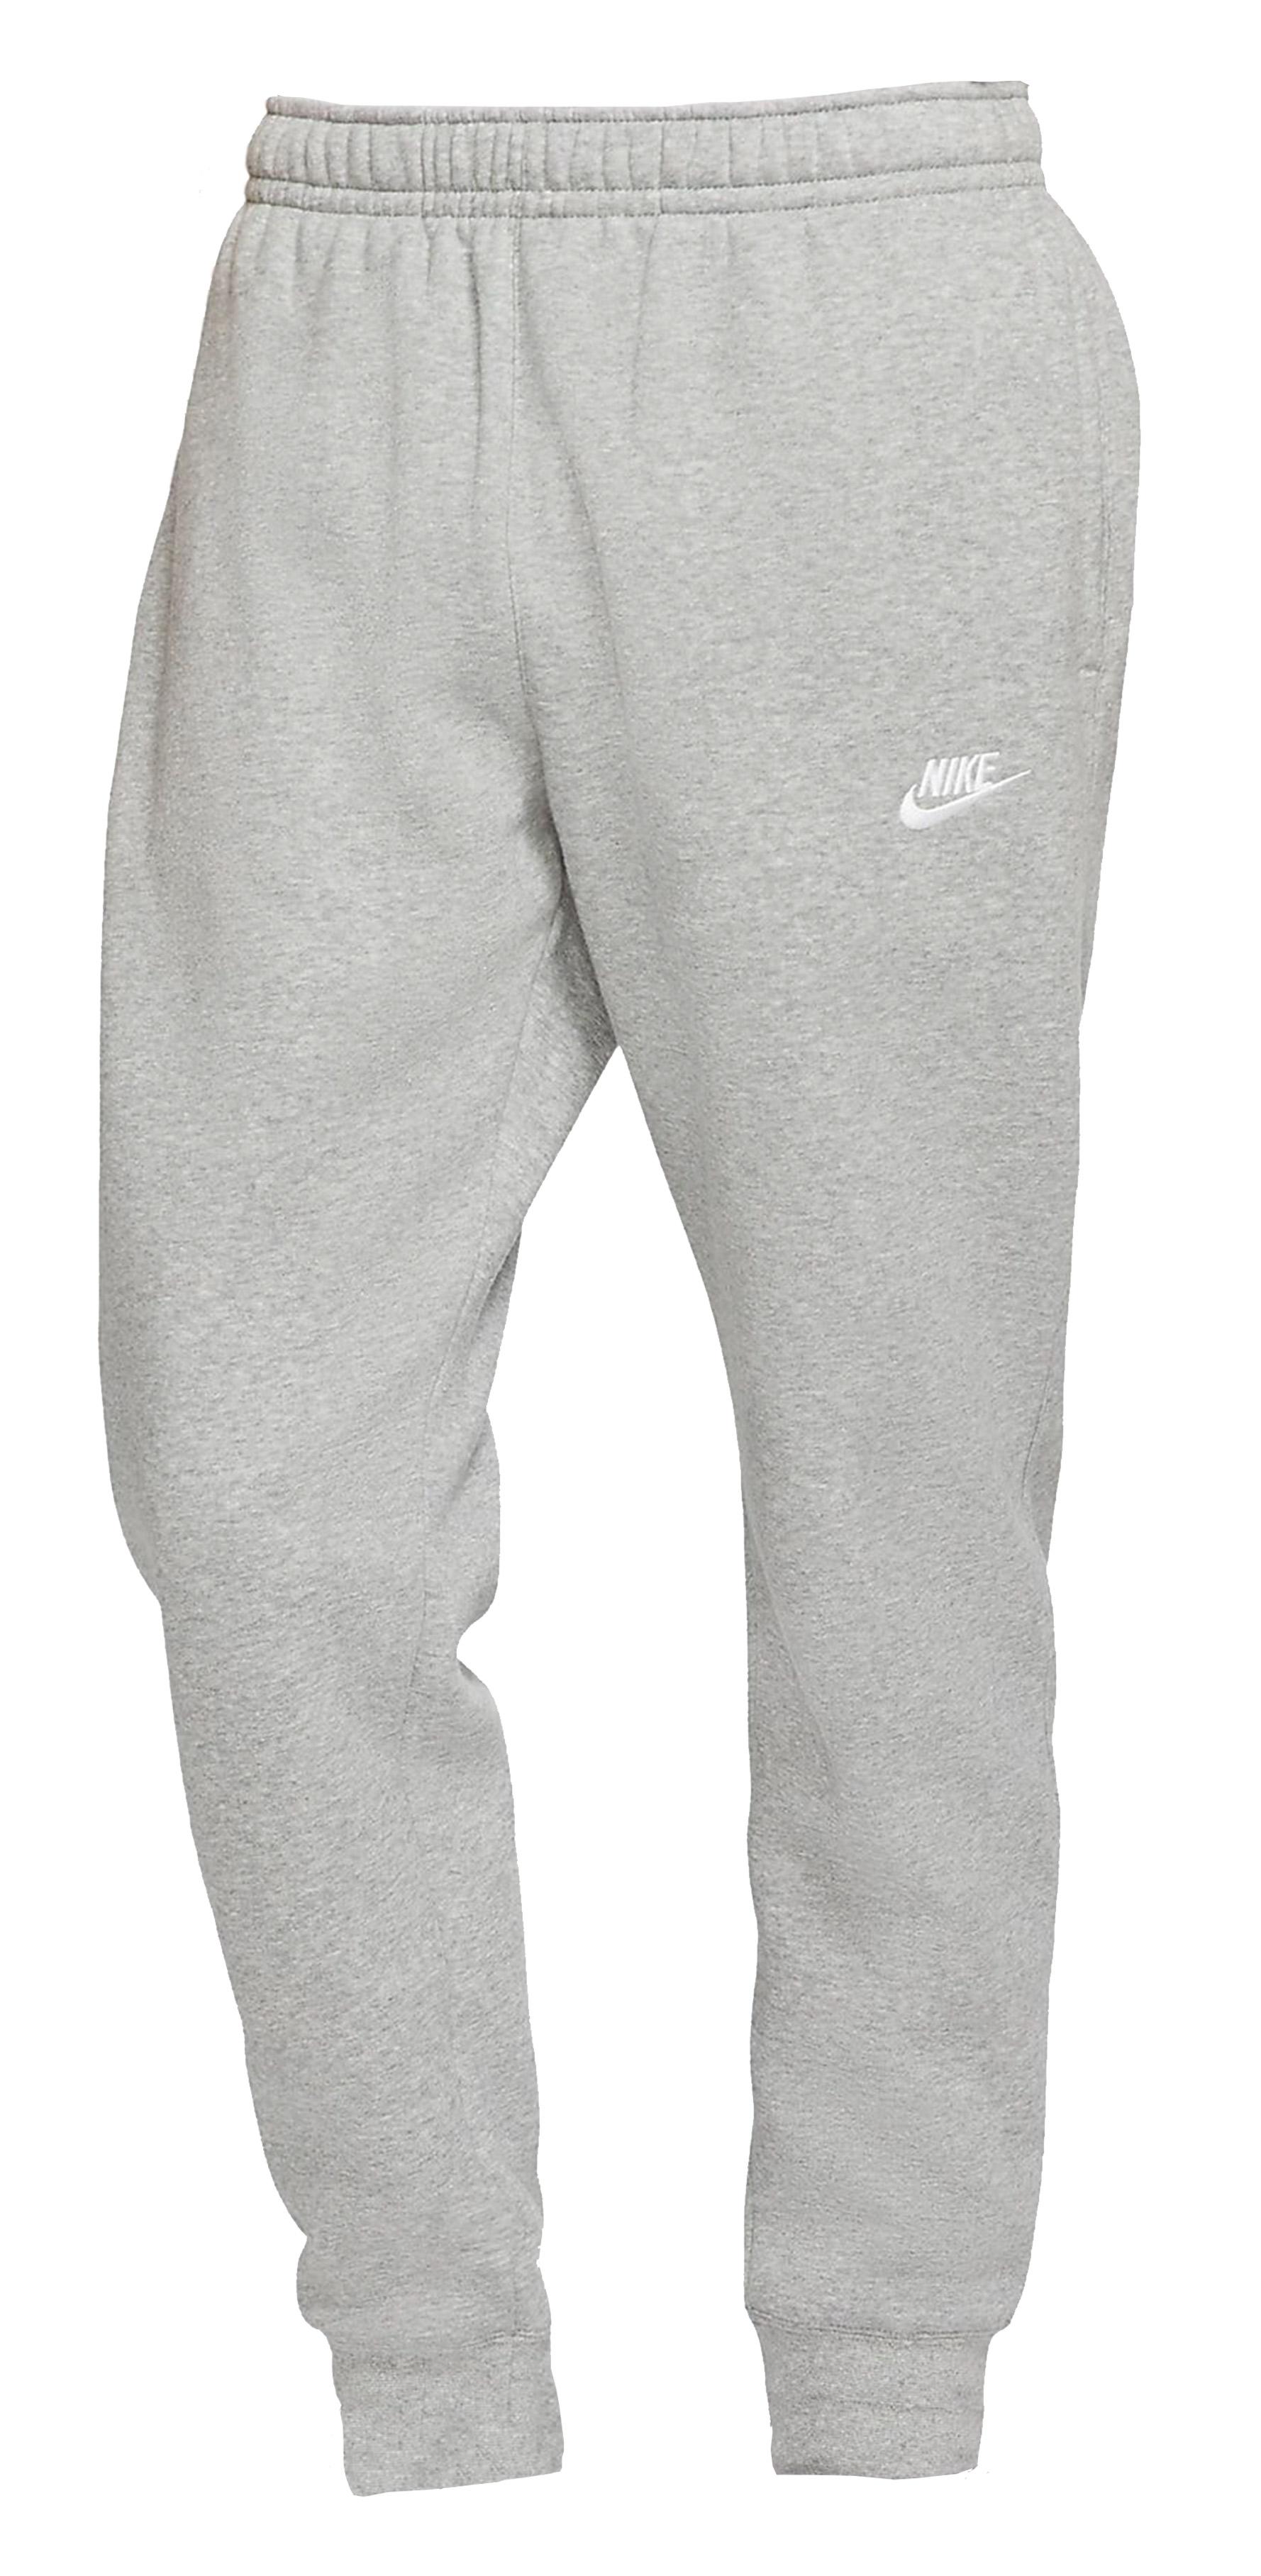 ביגוד נייק לגברים Nike NSW CLUB JGGR - אפור